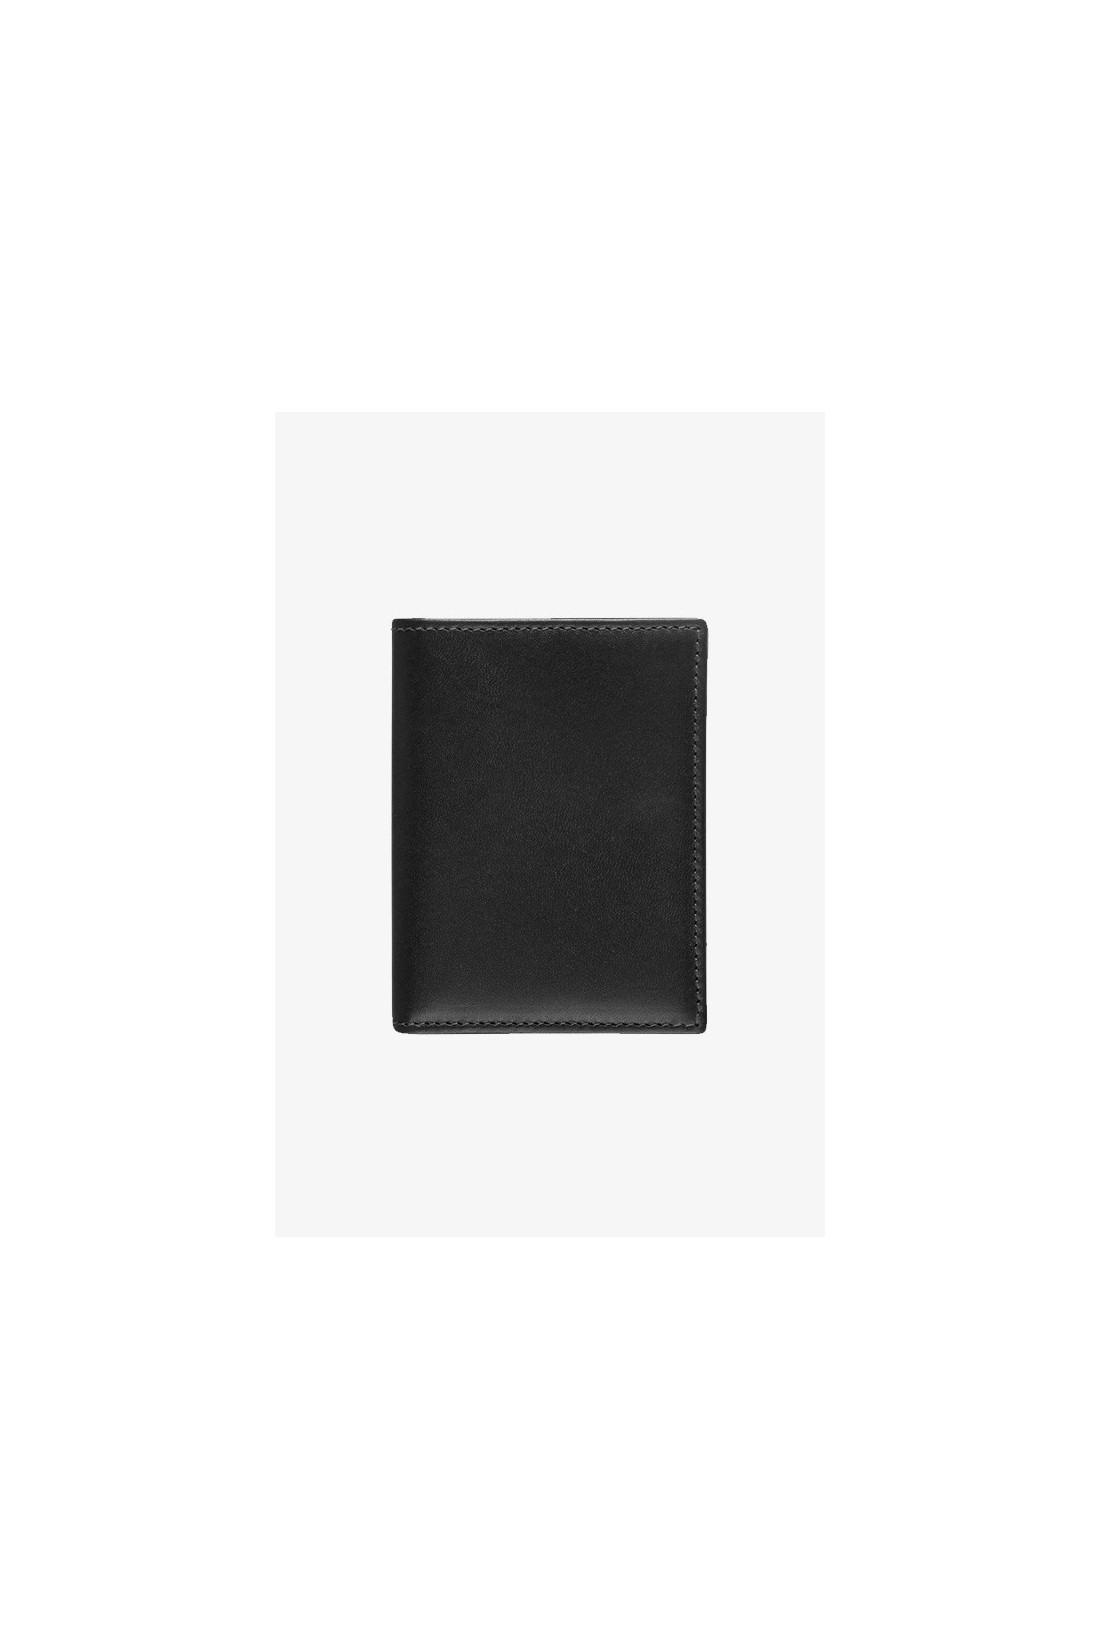 COMME DES GARÇONS WALLETS / Cdg leather wallet classic Black